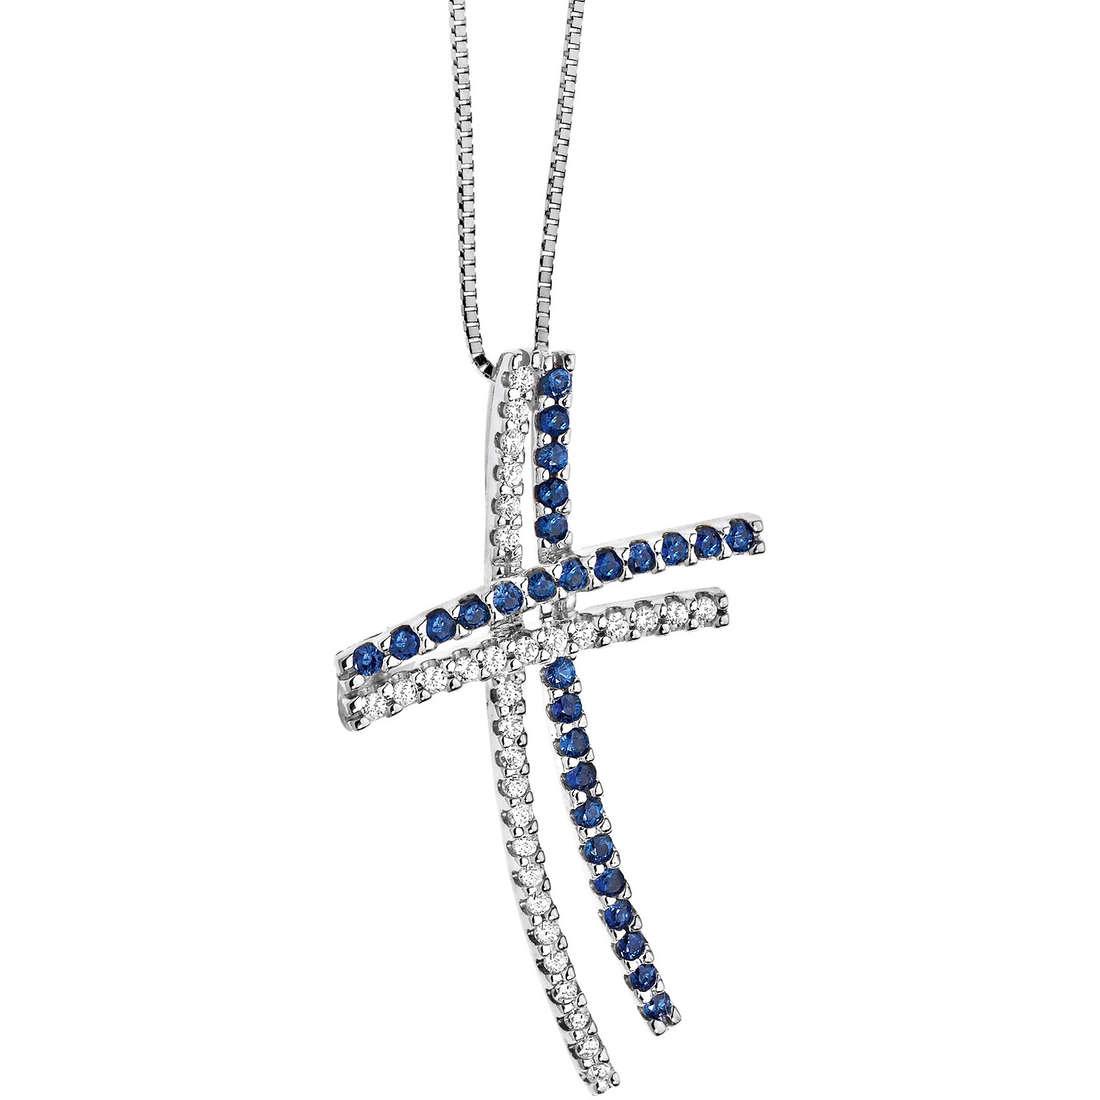 collana donna gioielli Comete Pietre preziose colorate GLB 820